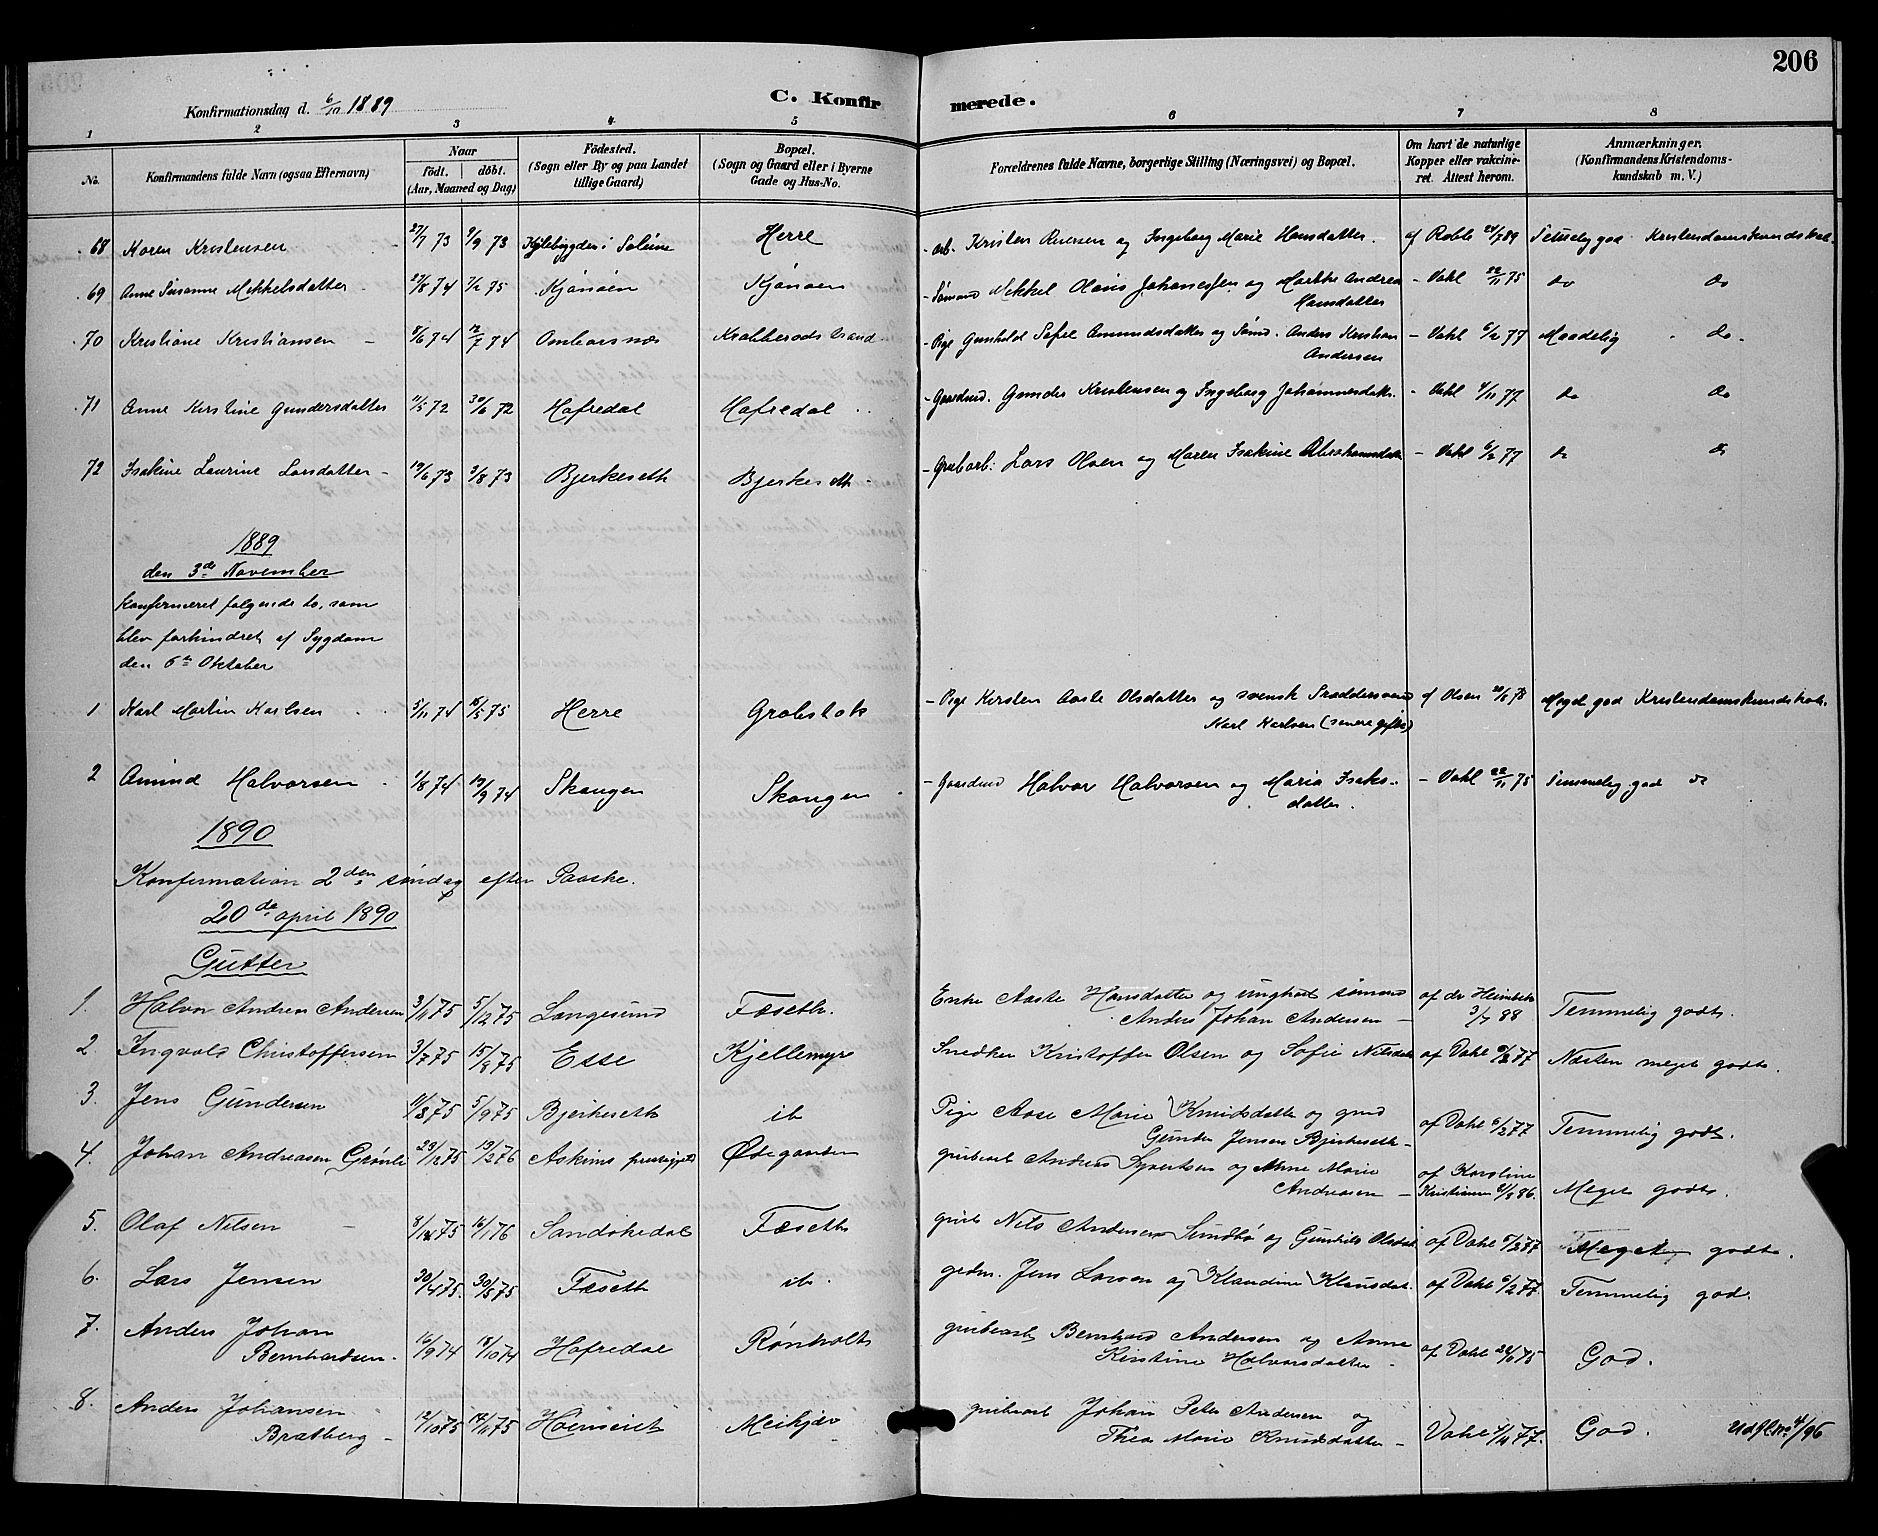 SAKO, Bamble kirkebøker, G/Ga/L0009: Klokkerbok nr. I 9, 1888-1900, s. 206